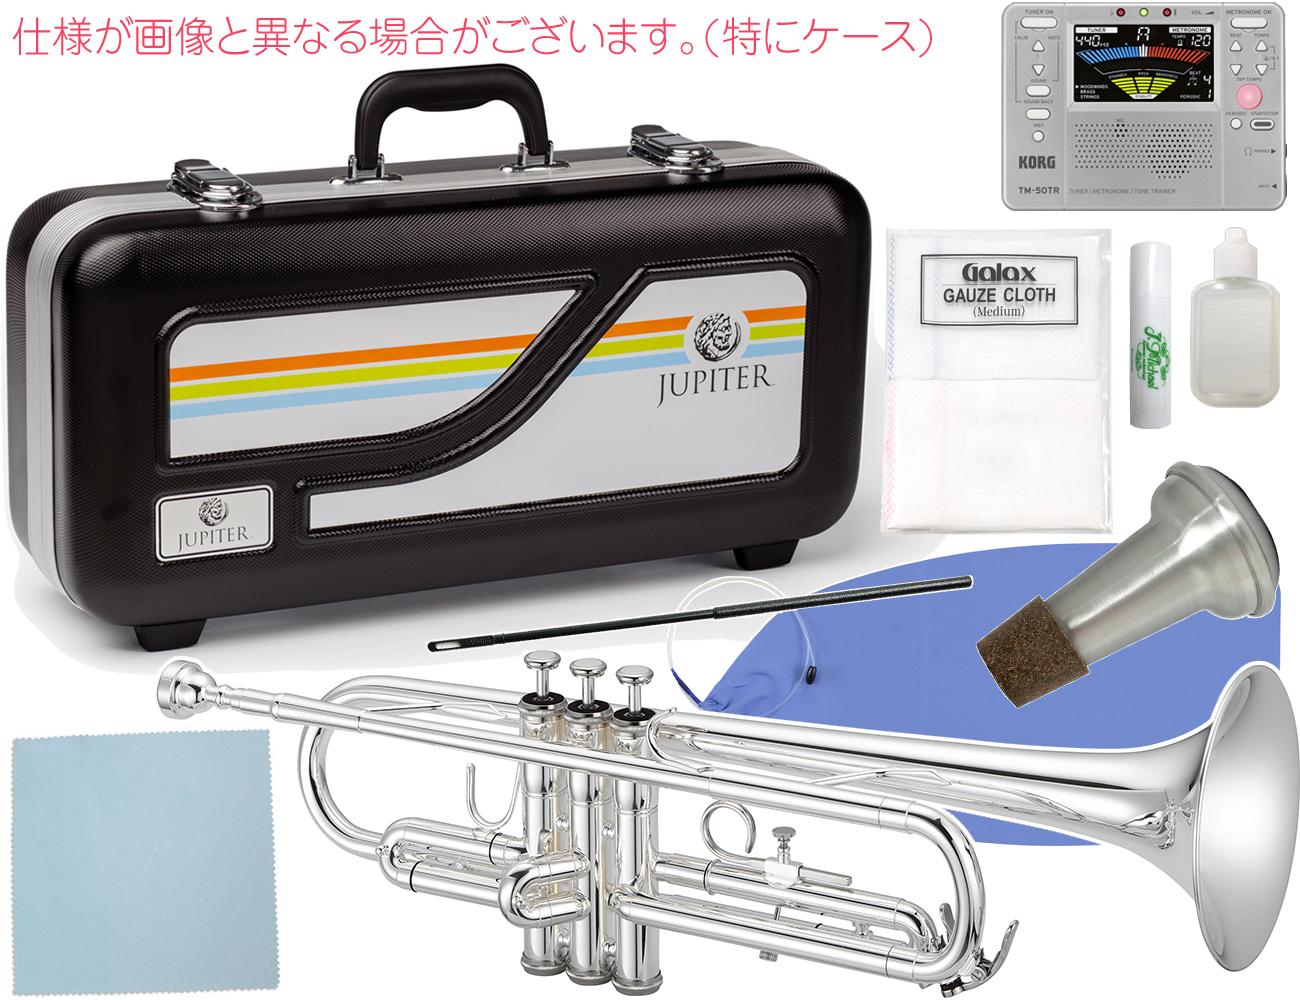 JUPITER ( ジュピター ) JTR500S トランペット 新品 銀メッキ 管楽器 B♭管 シルバーメッキ 本体 JTR-500 silver Trumpet イエローブラスベル 楽器 セット A